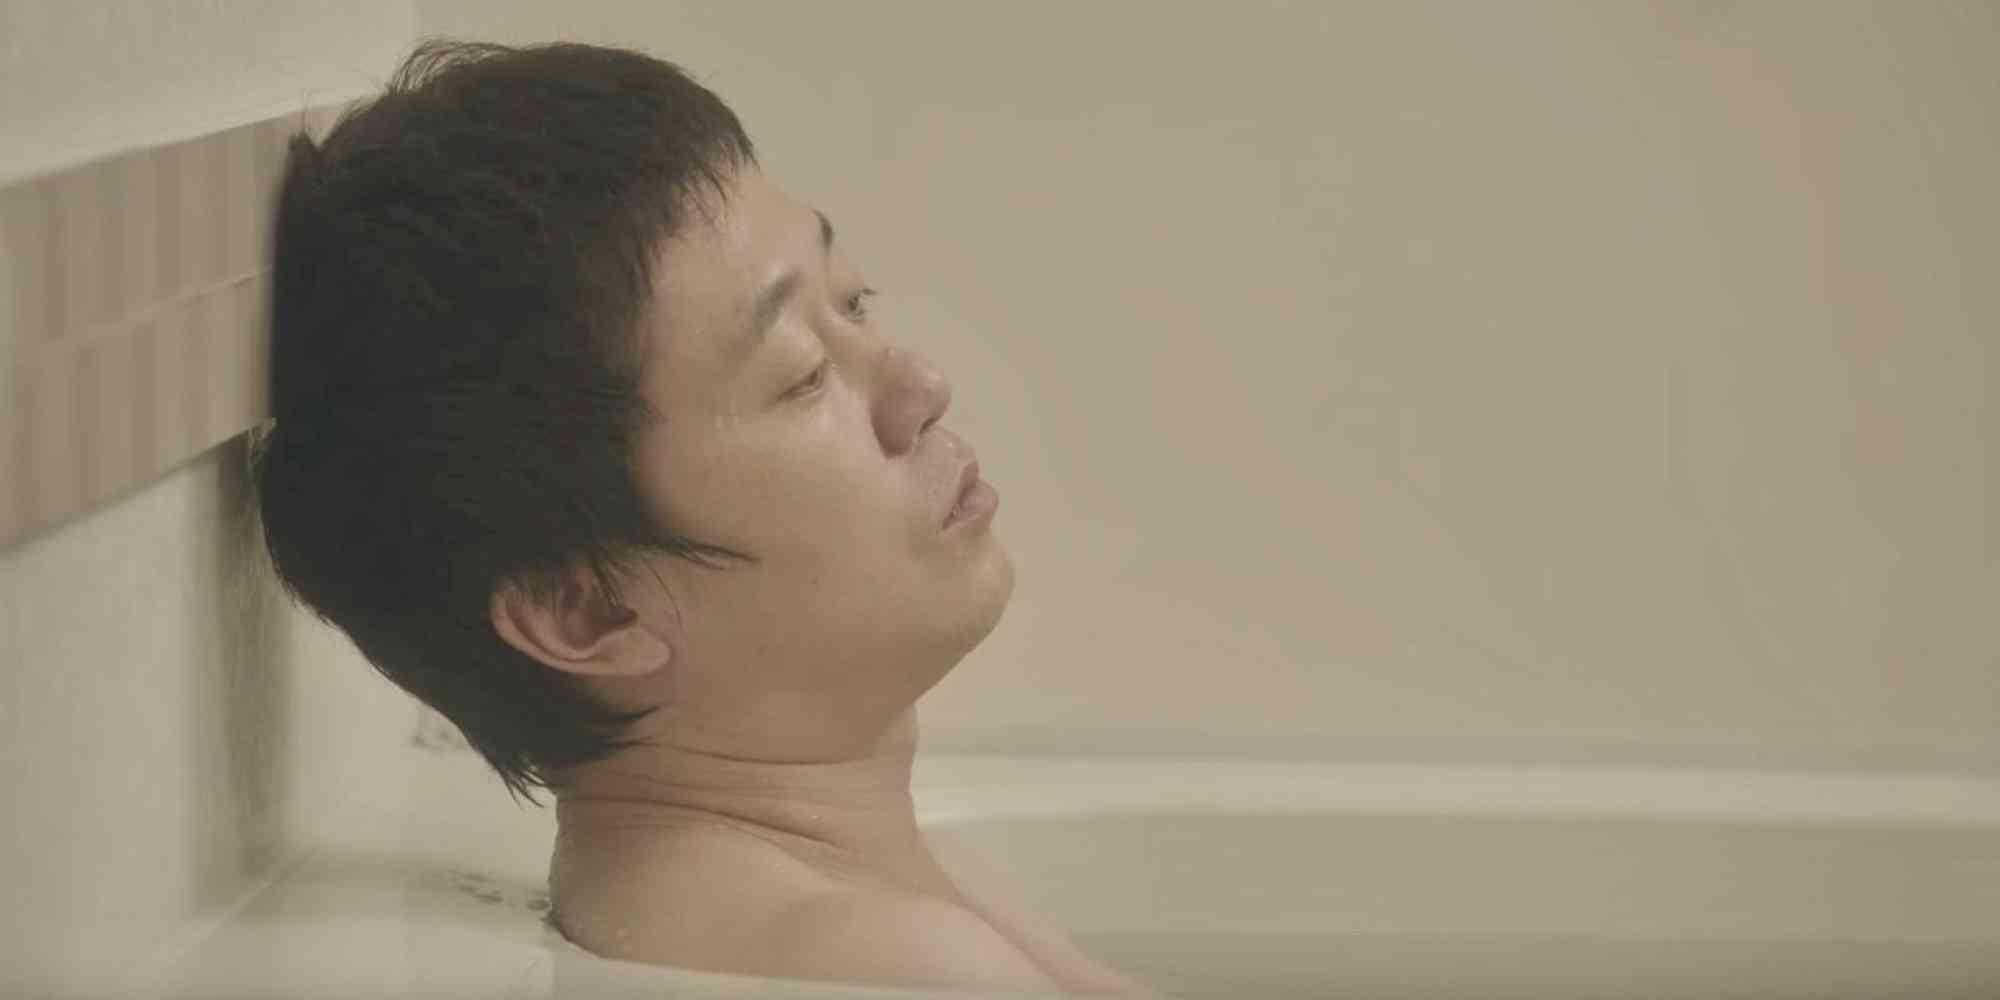 「さ、洗い流そ。」牛乳石鹸のPR動画に困惑が止まらない...